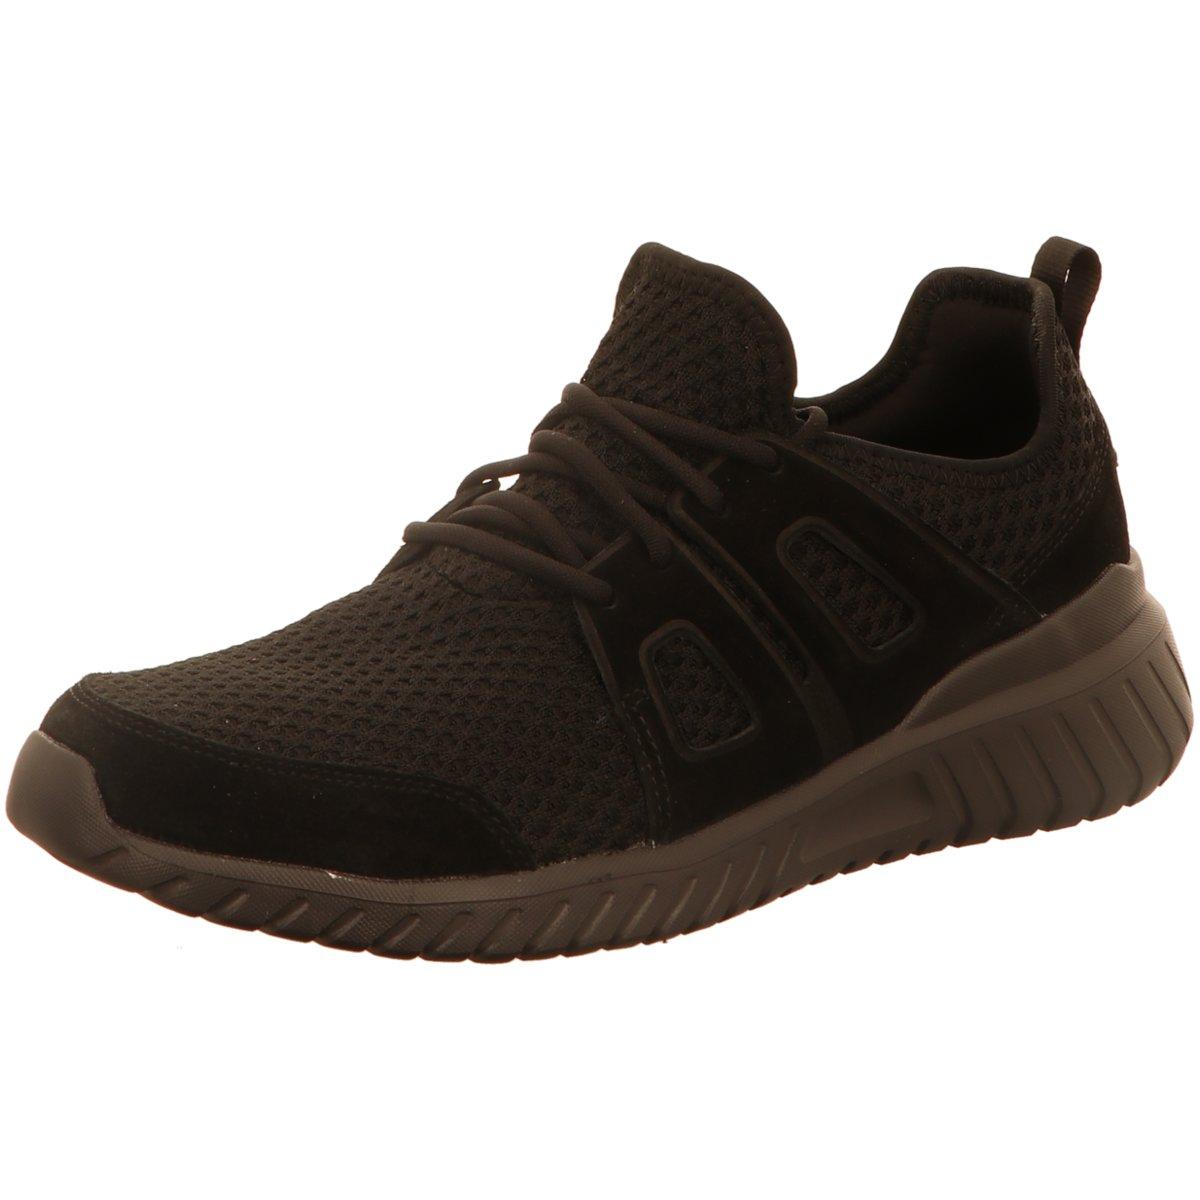 NEU Skechers Herren Sneaker 52822 BBK schwarz 456025